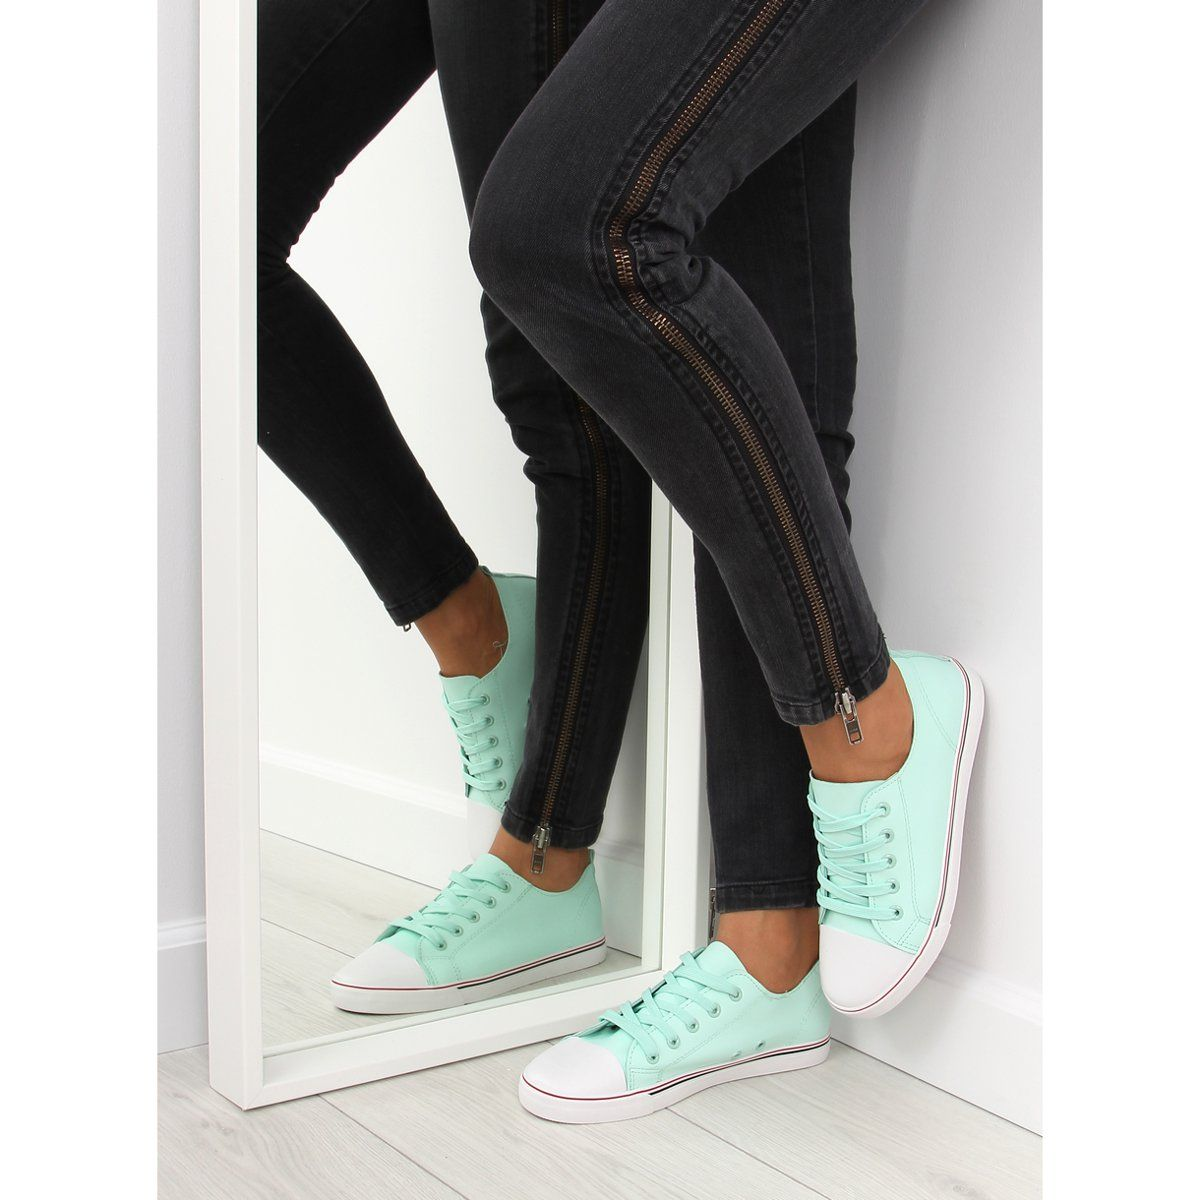 Trampki Damskie Licowe Seledynowe Xl01p L Green Zielone Sneakers Blue Womens Sneakers Timeless Shoes